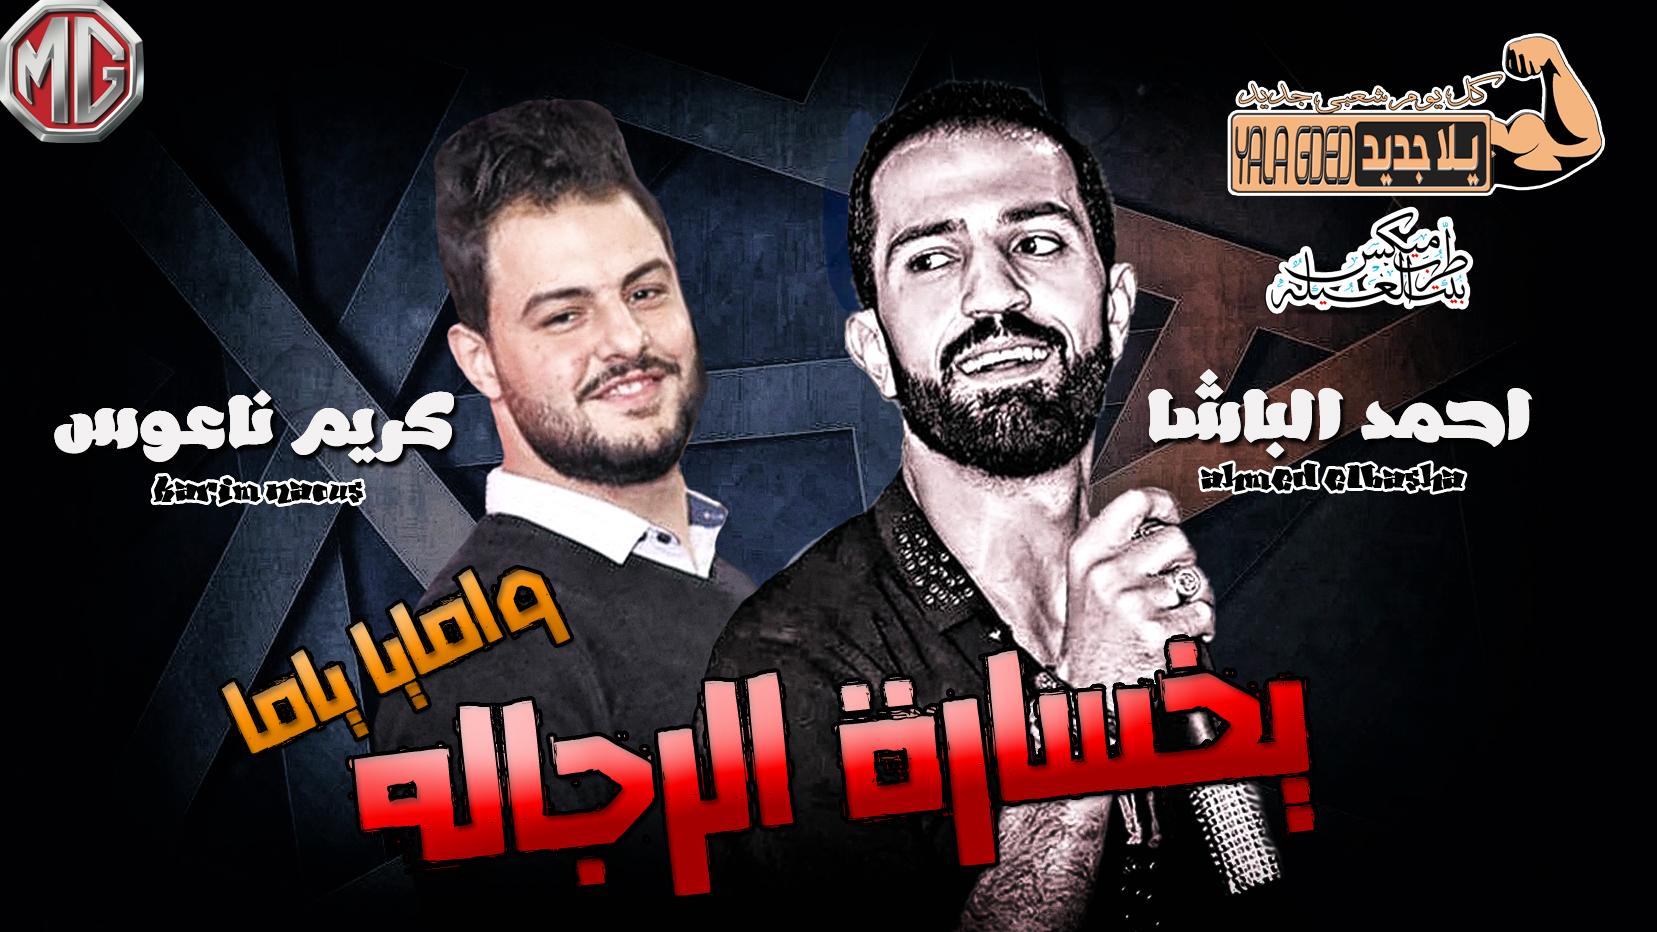 يخسارة الرجاله وامايا ياما | احمد الباشا | كريم ناعوس | موال جديد بغيارت ناعوس الجباره | جديد2019